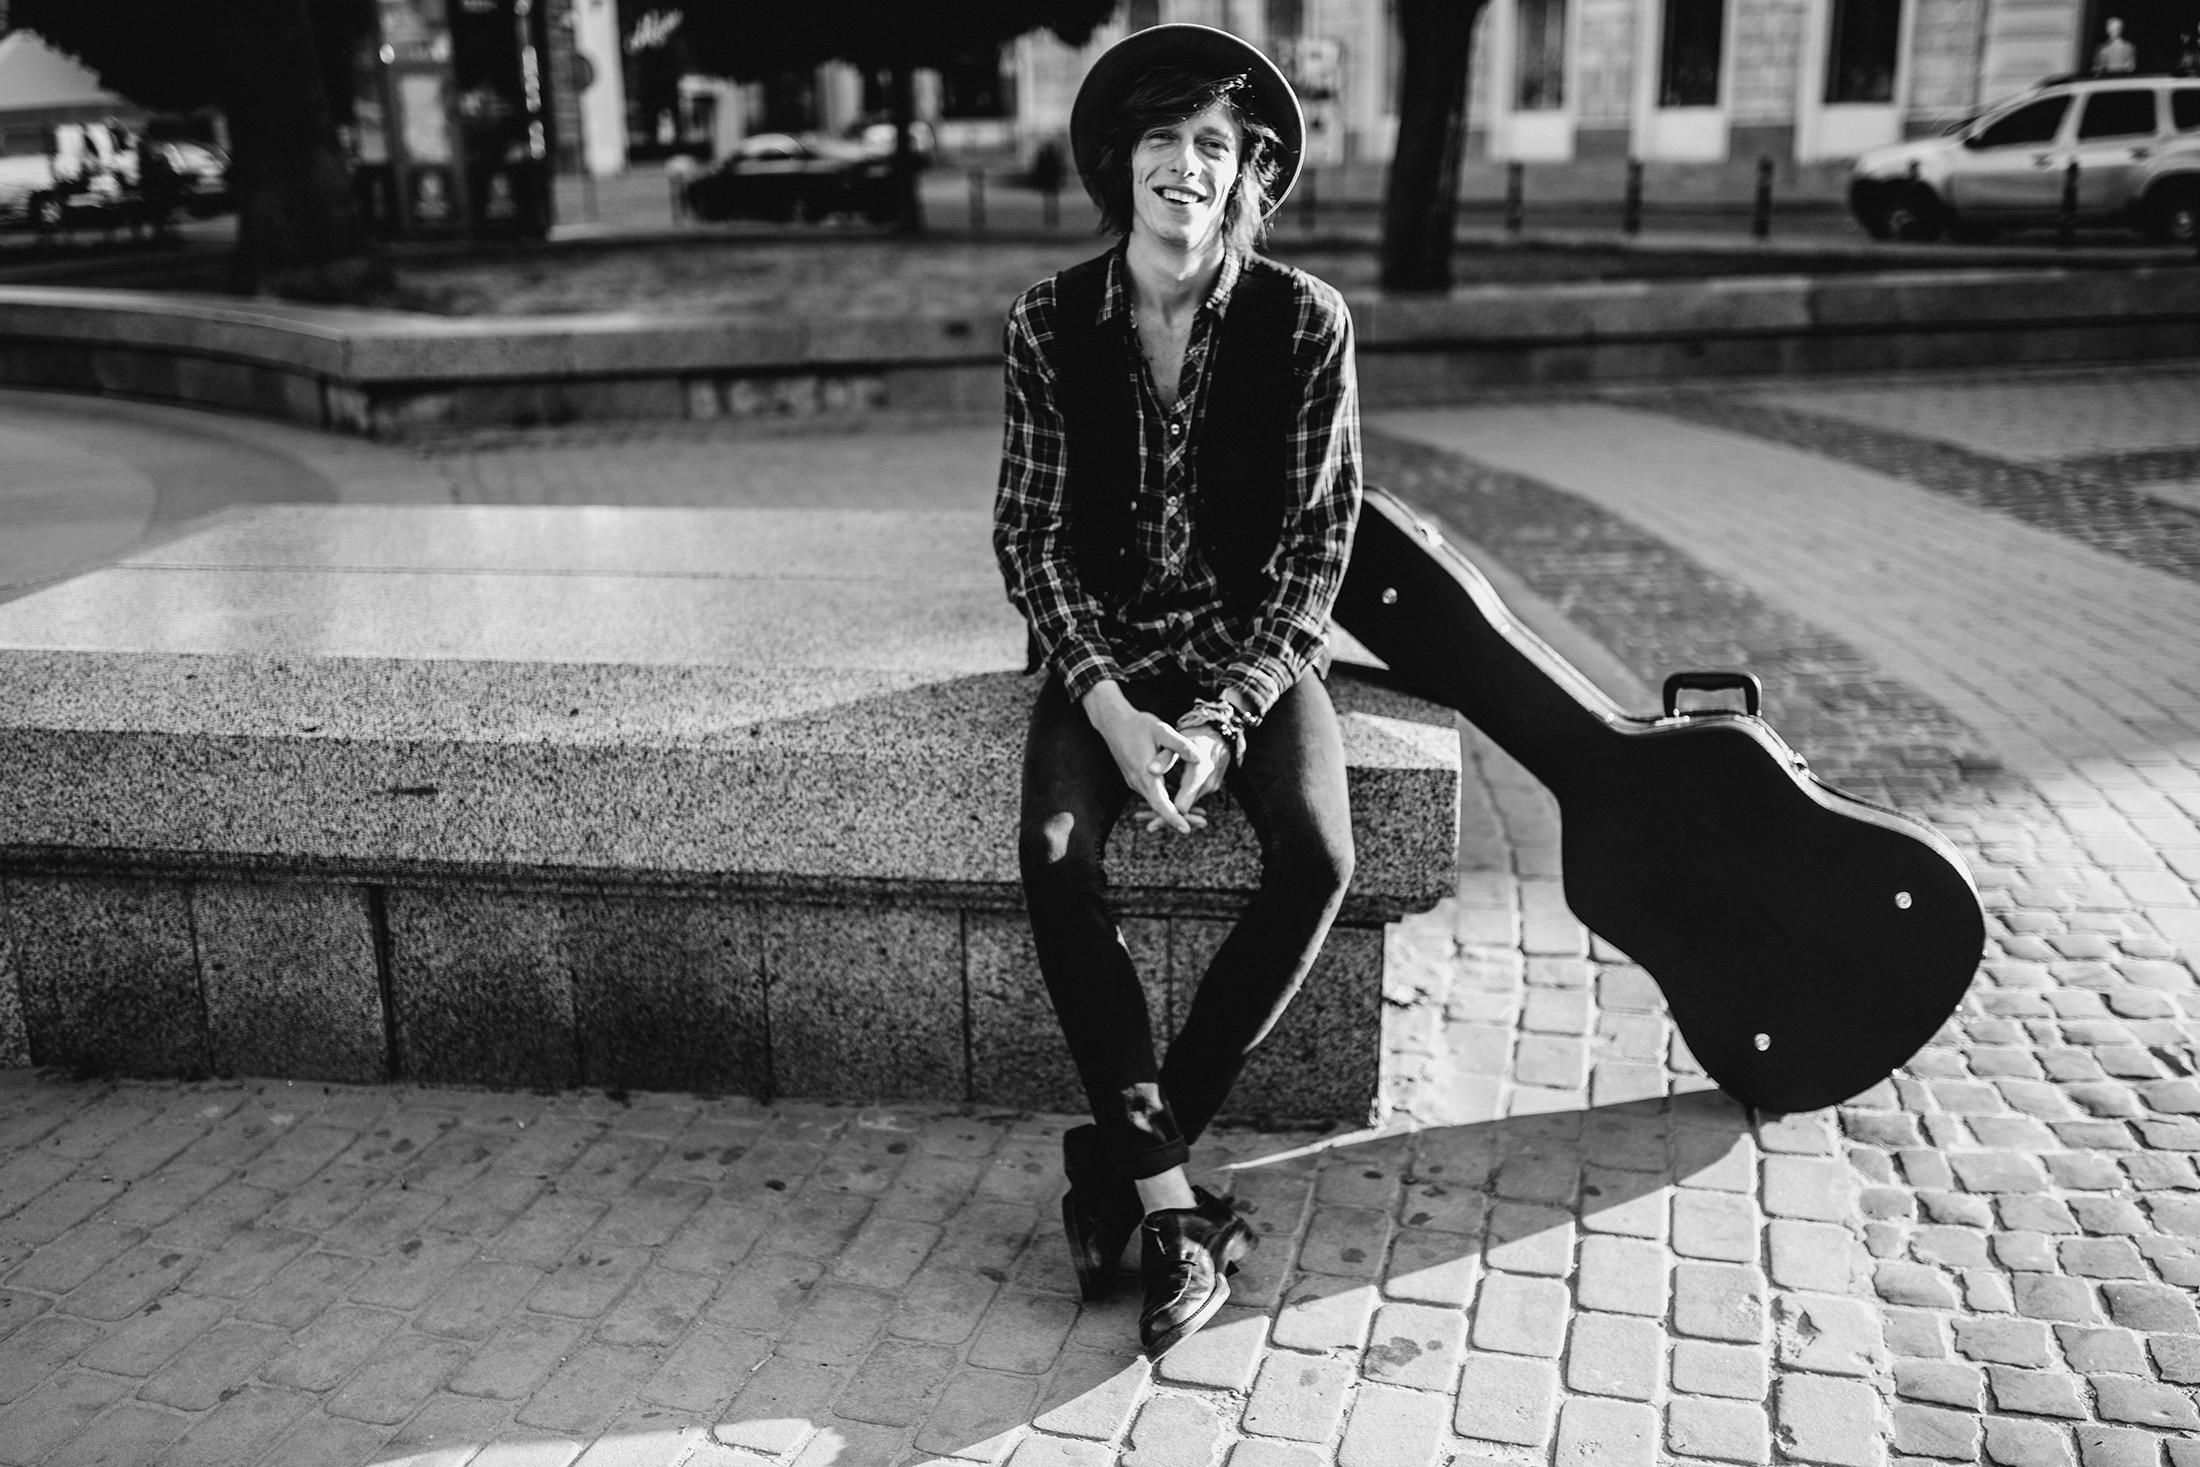 Эдгар Винницкий: поколение открытых людей. Я играю на улице.